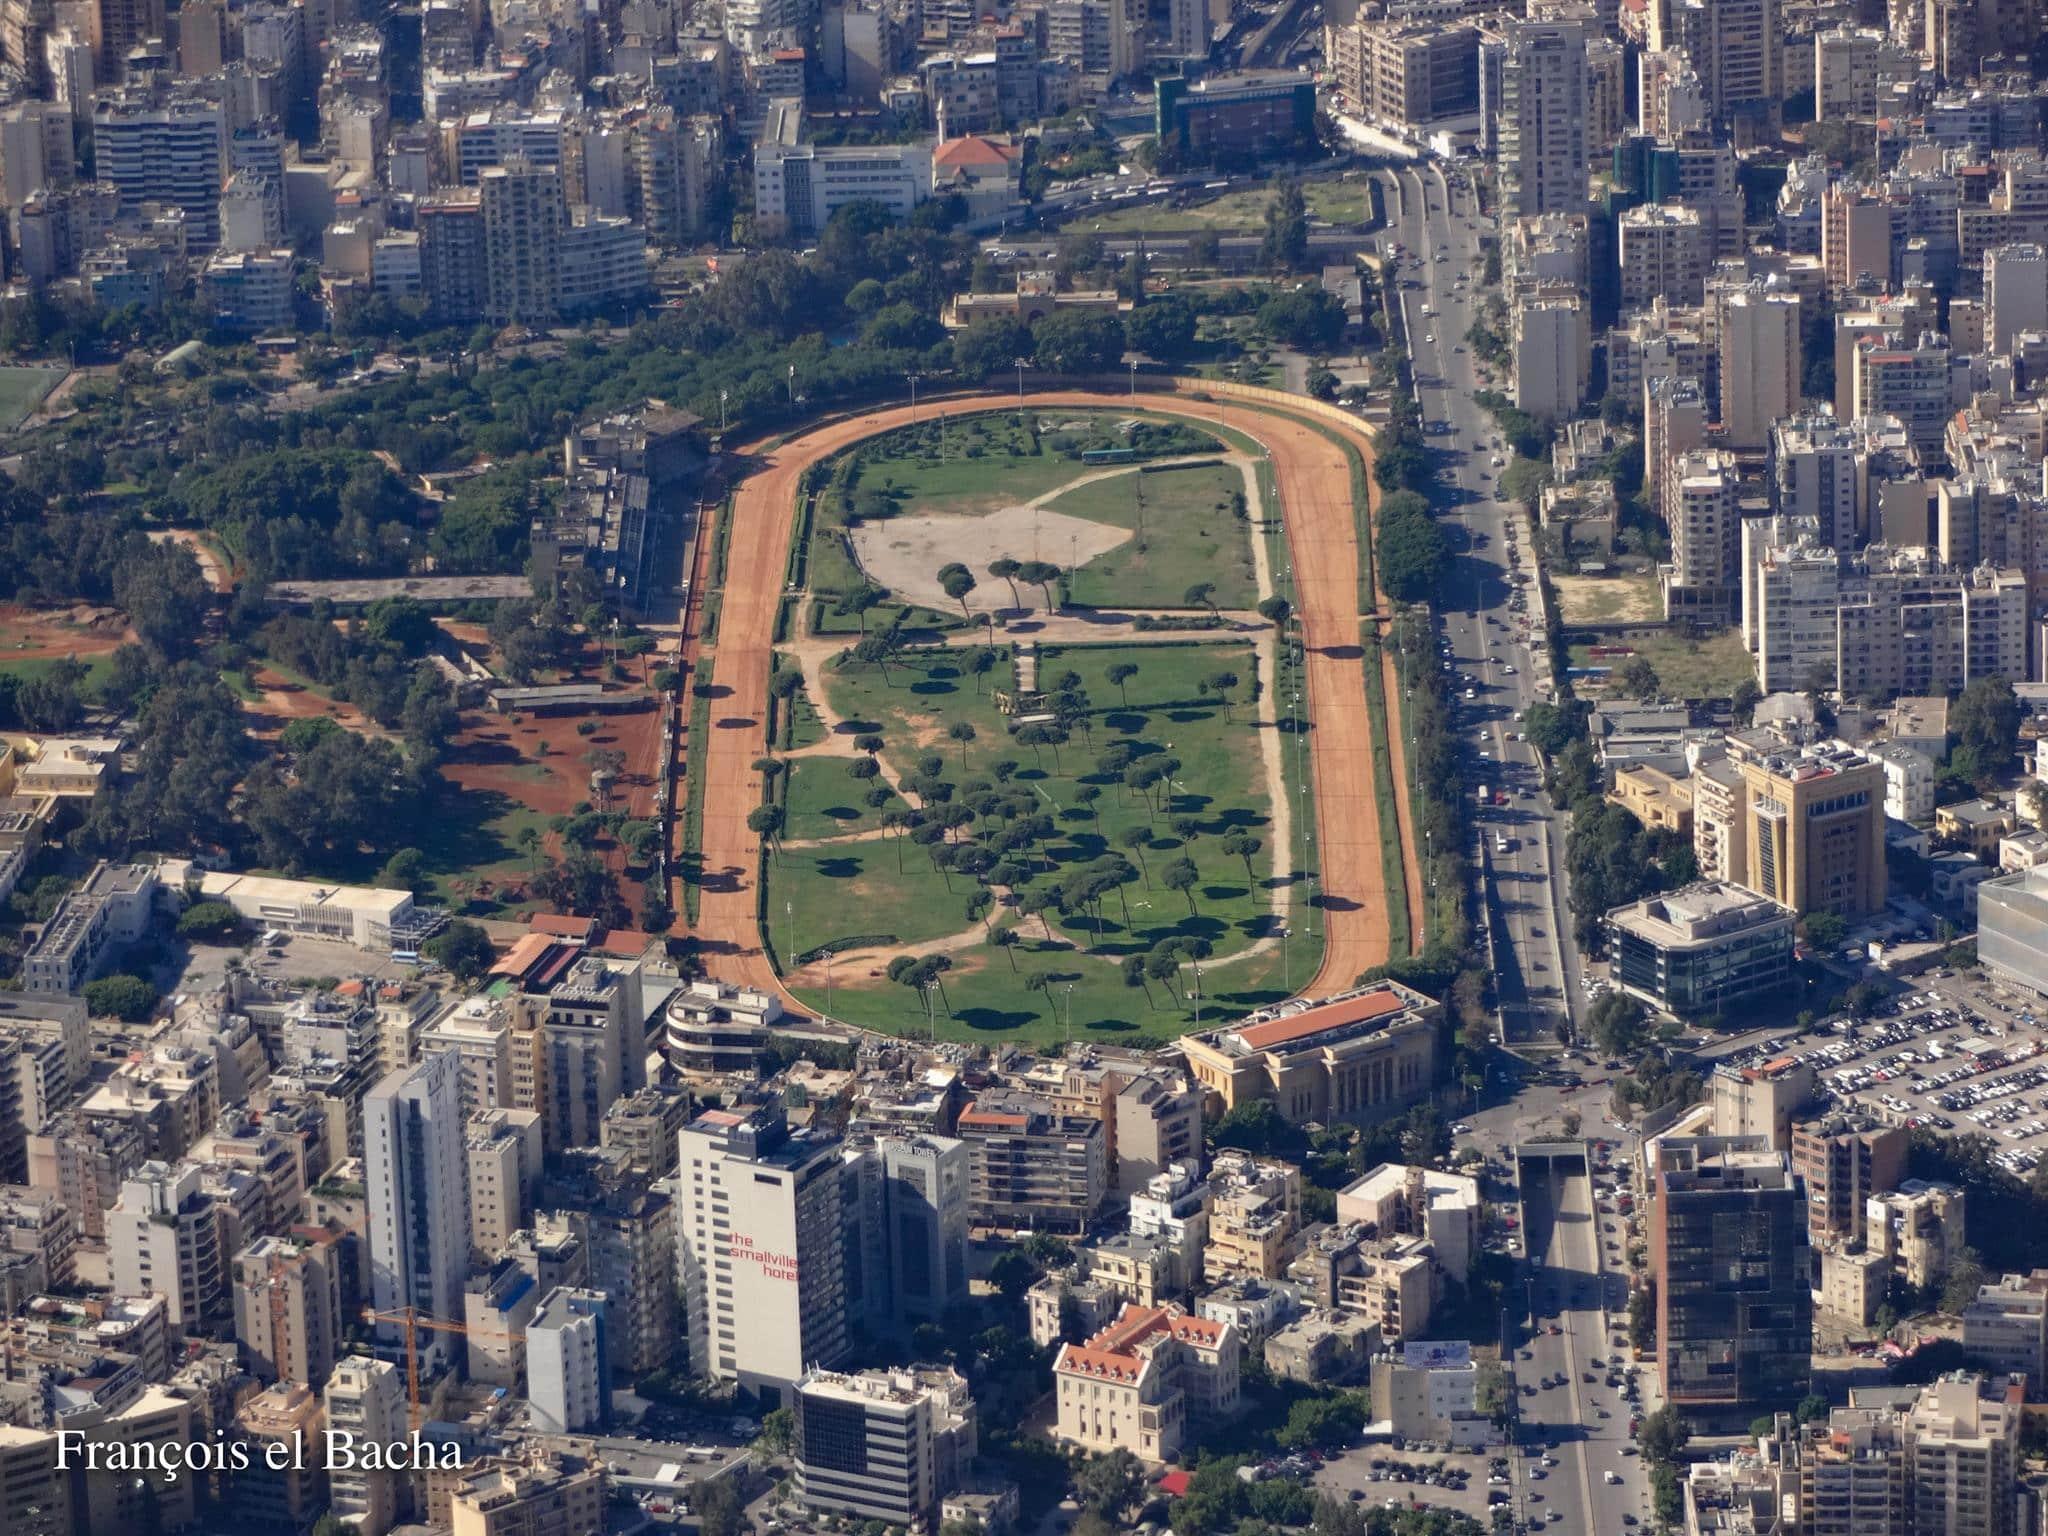 Vue aérienne de l'hippodrome de Beyrouth. Crédit Photo: Francois el Bacha pour Libnanews.com. Tous droits réservés.